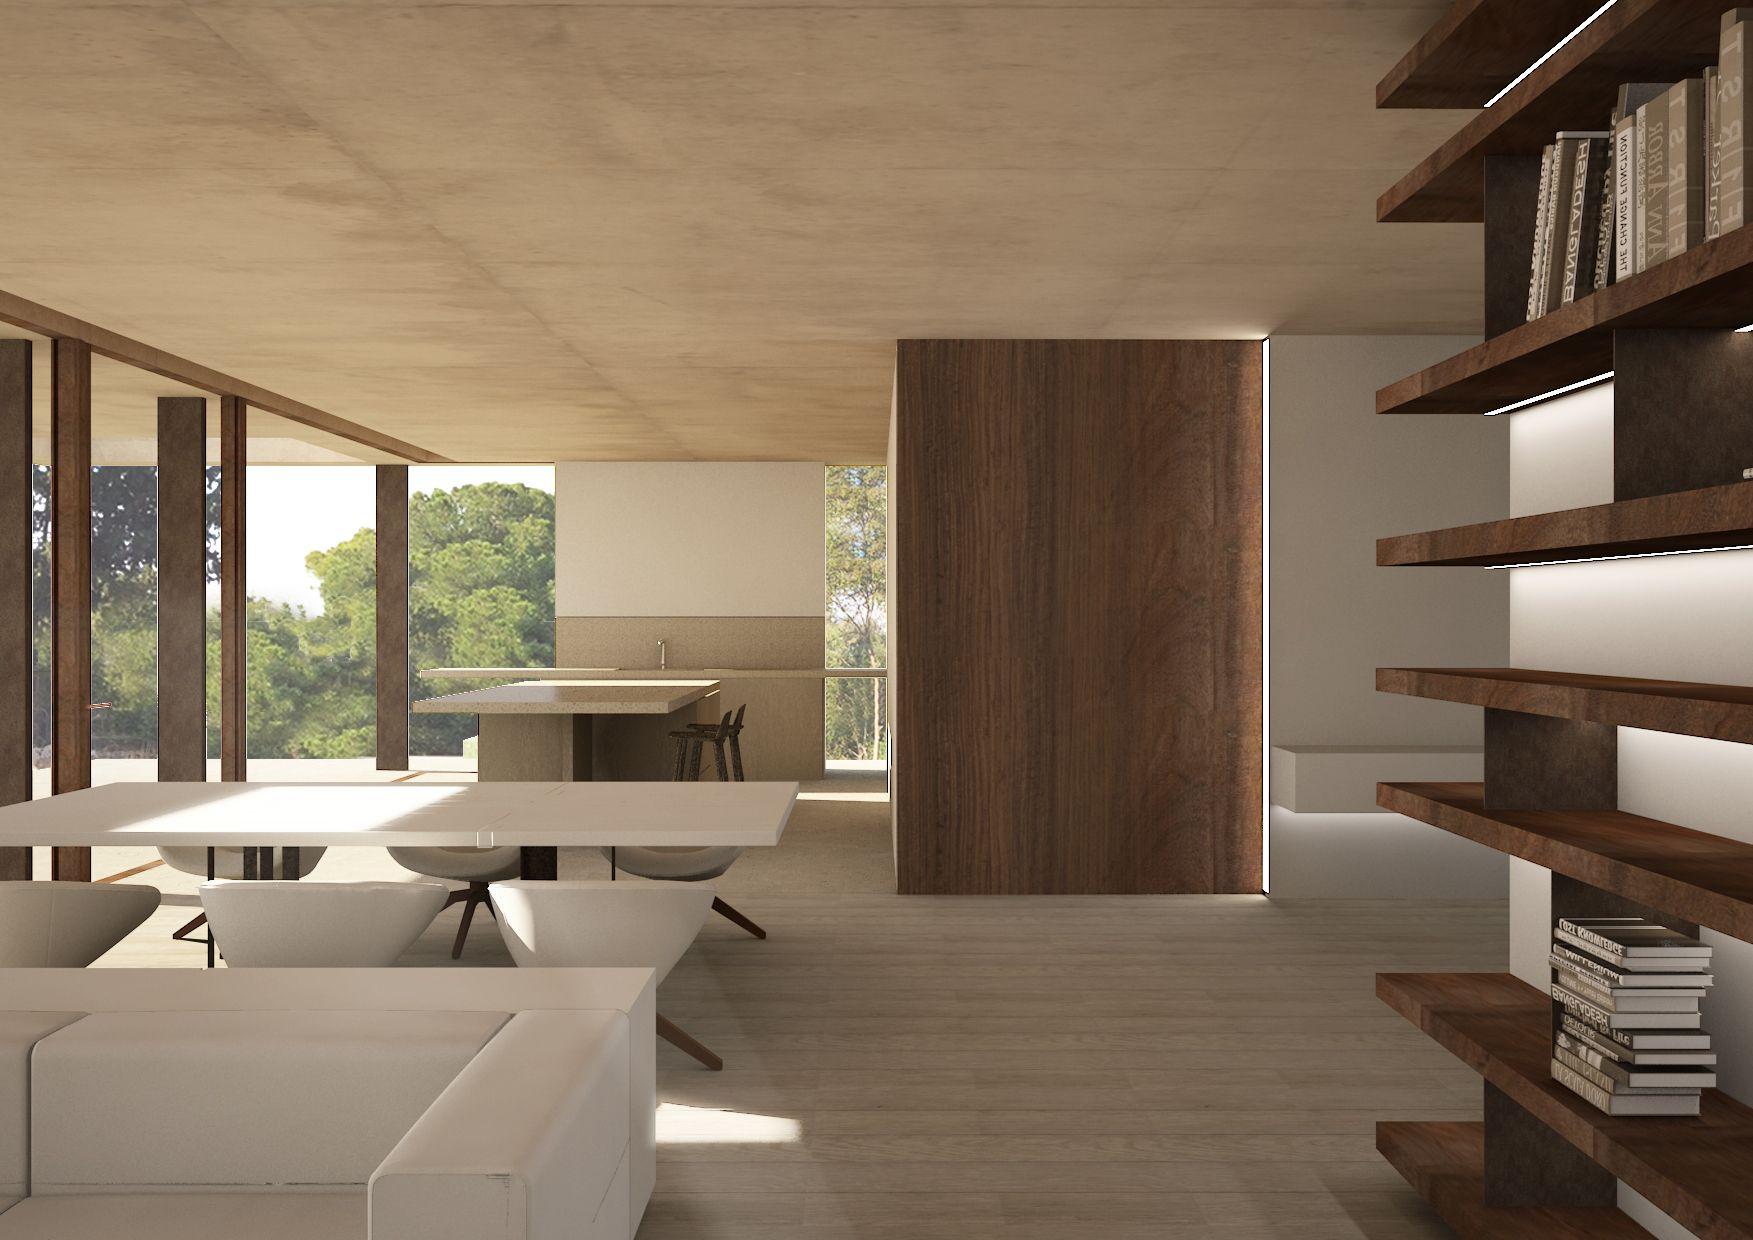 Casa en La Pinada | Ramón Esteve Estudio | Interiors-Modern | Pinterest